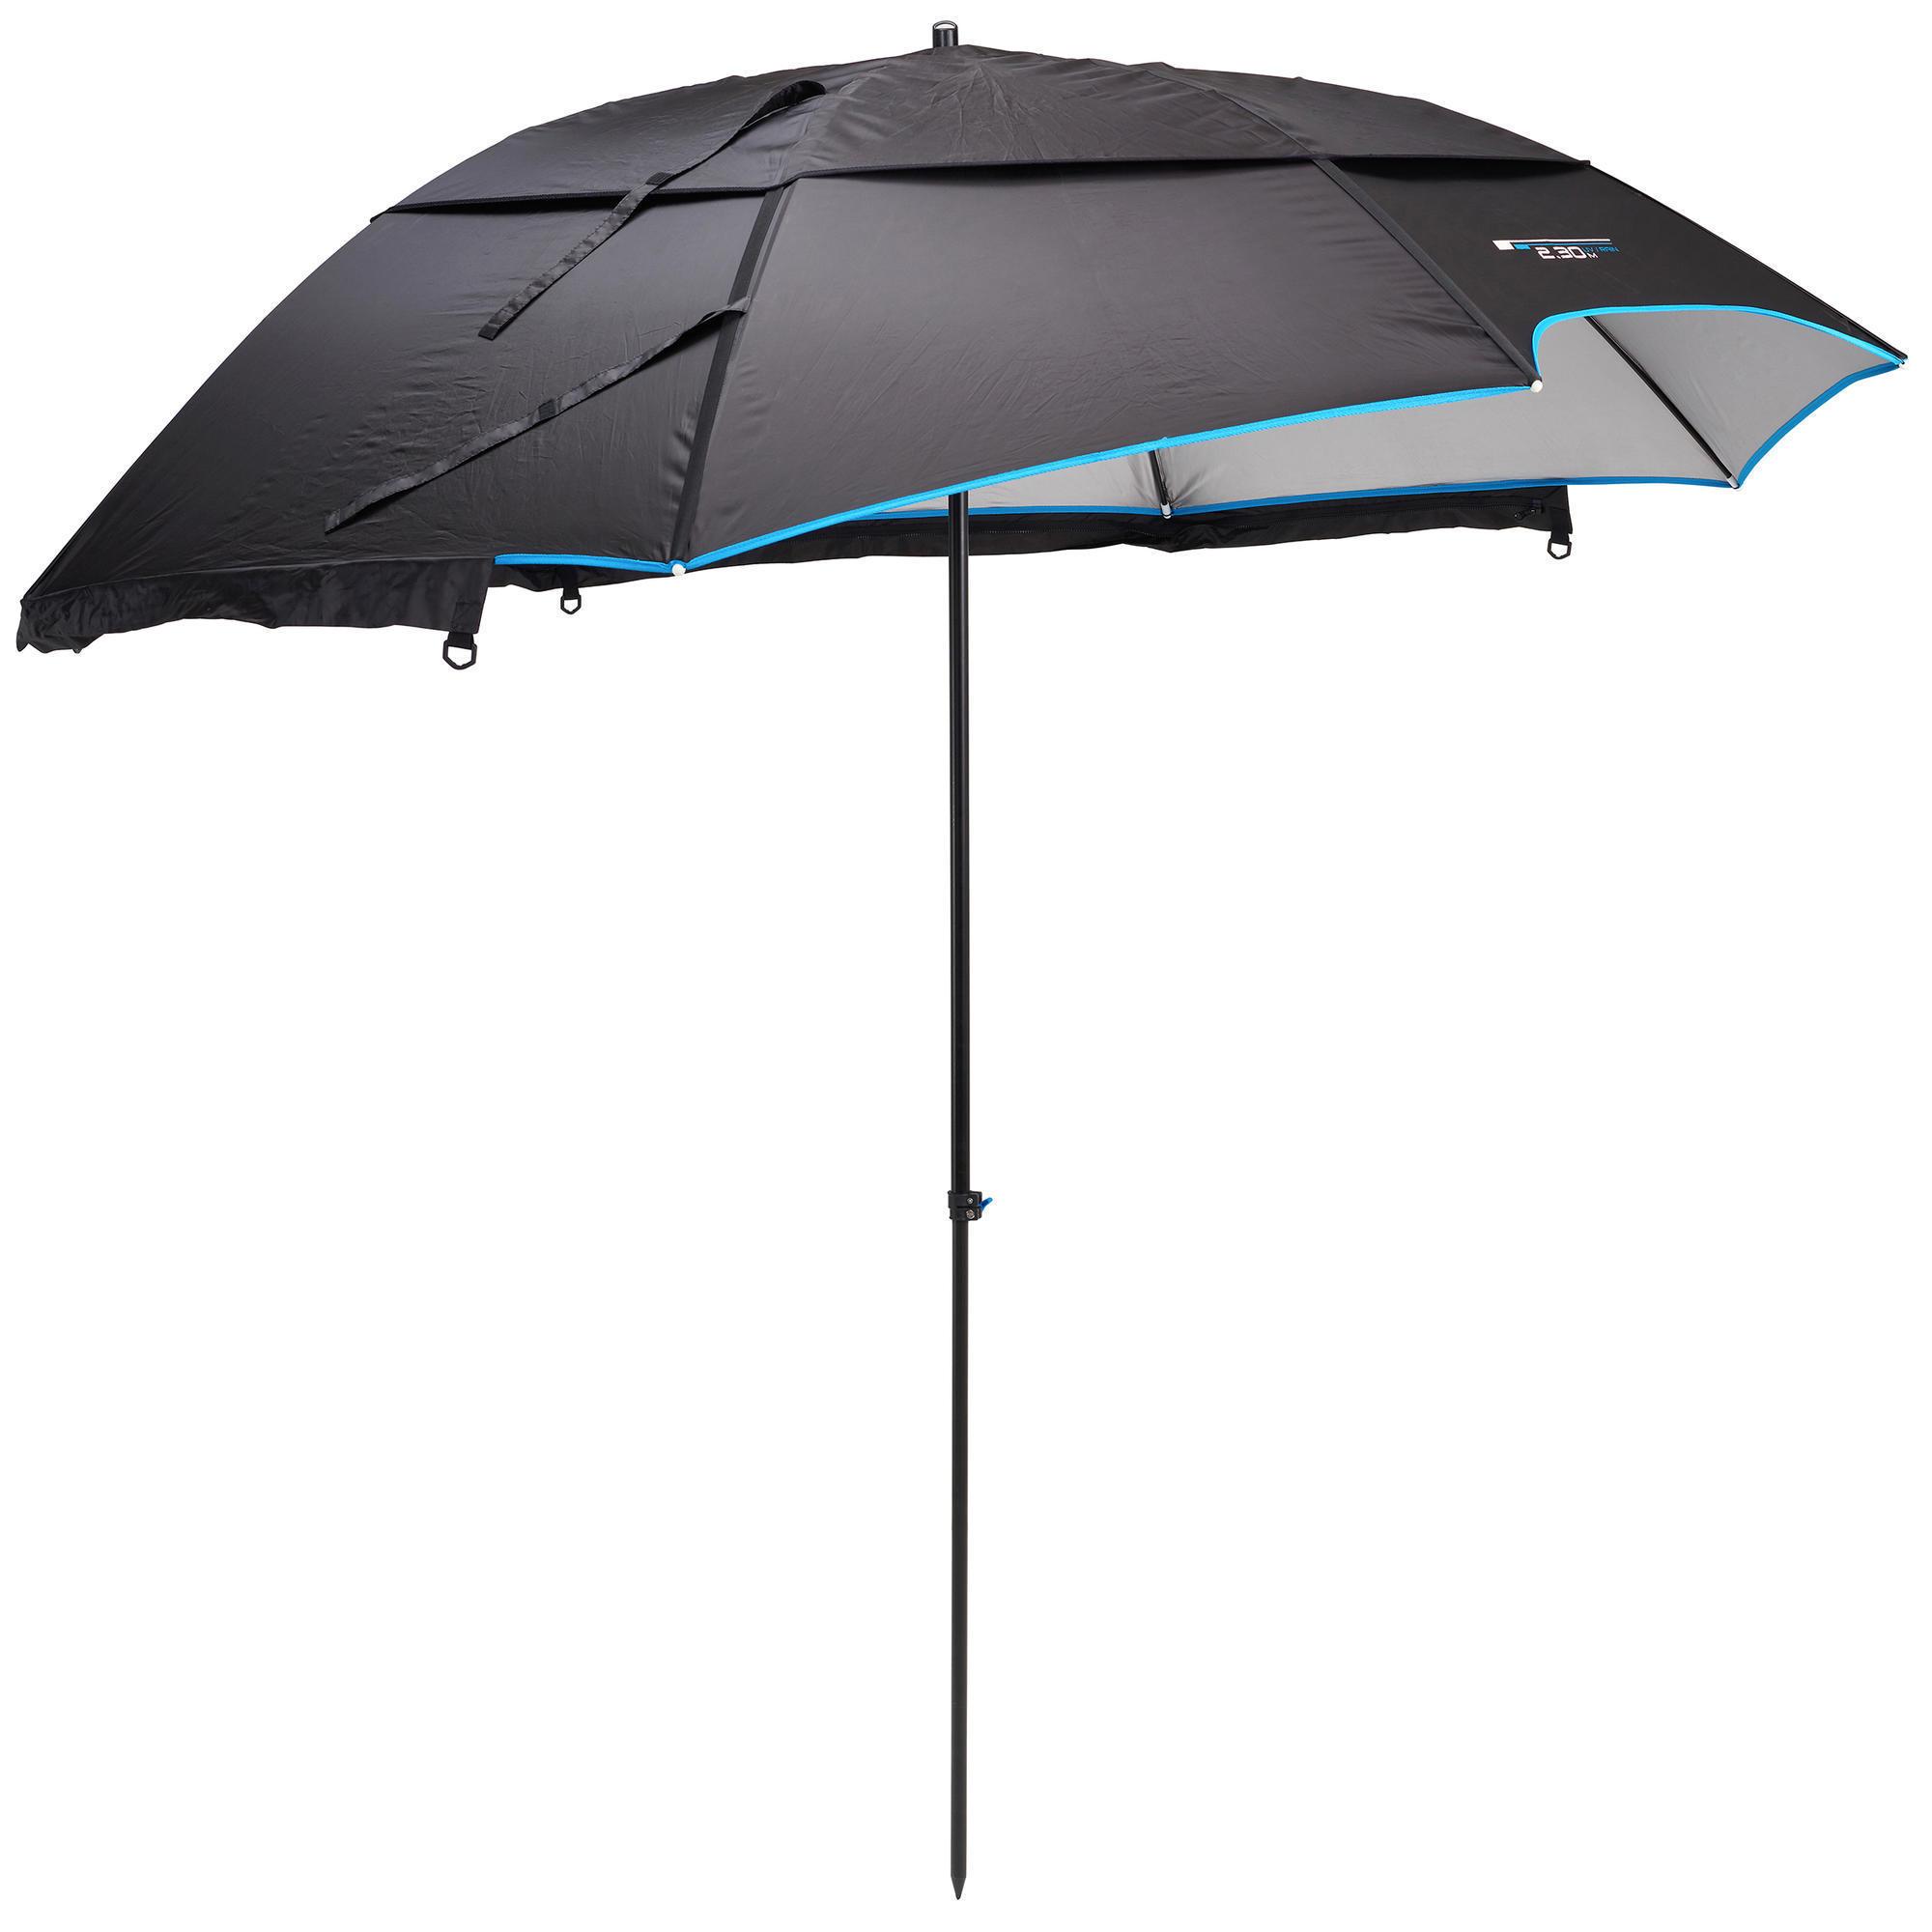 parapluie parasol de 2 3m de diametre pour la pratique de la peche pf u500 xl